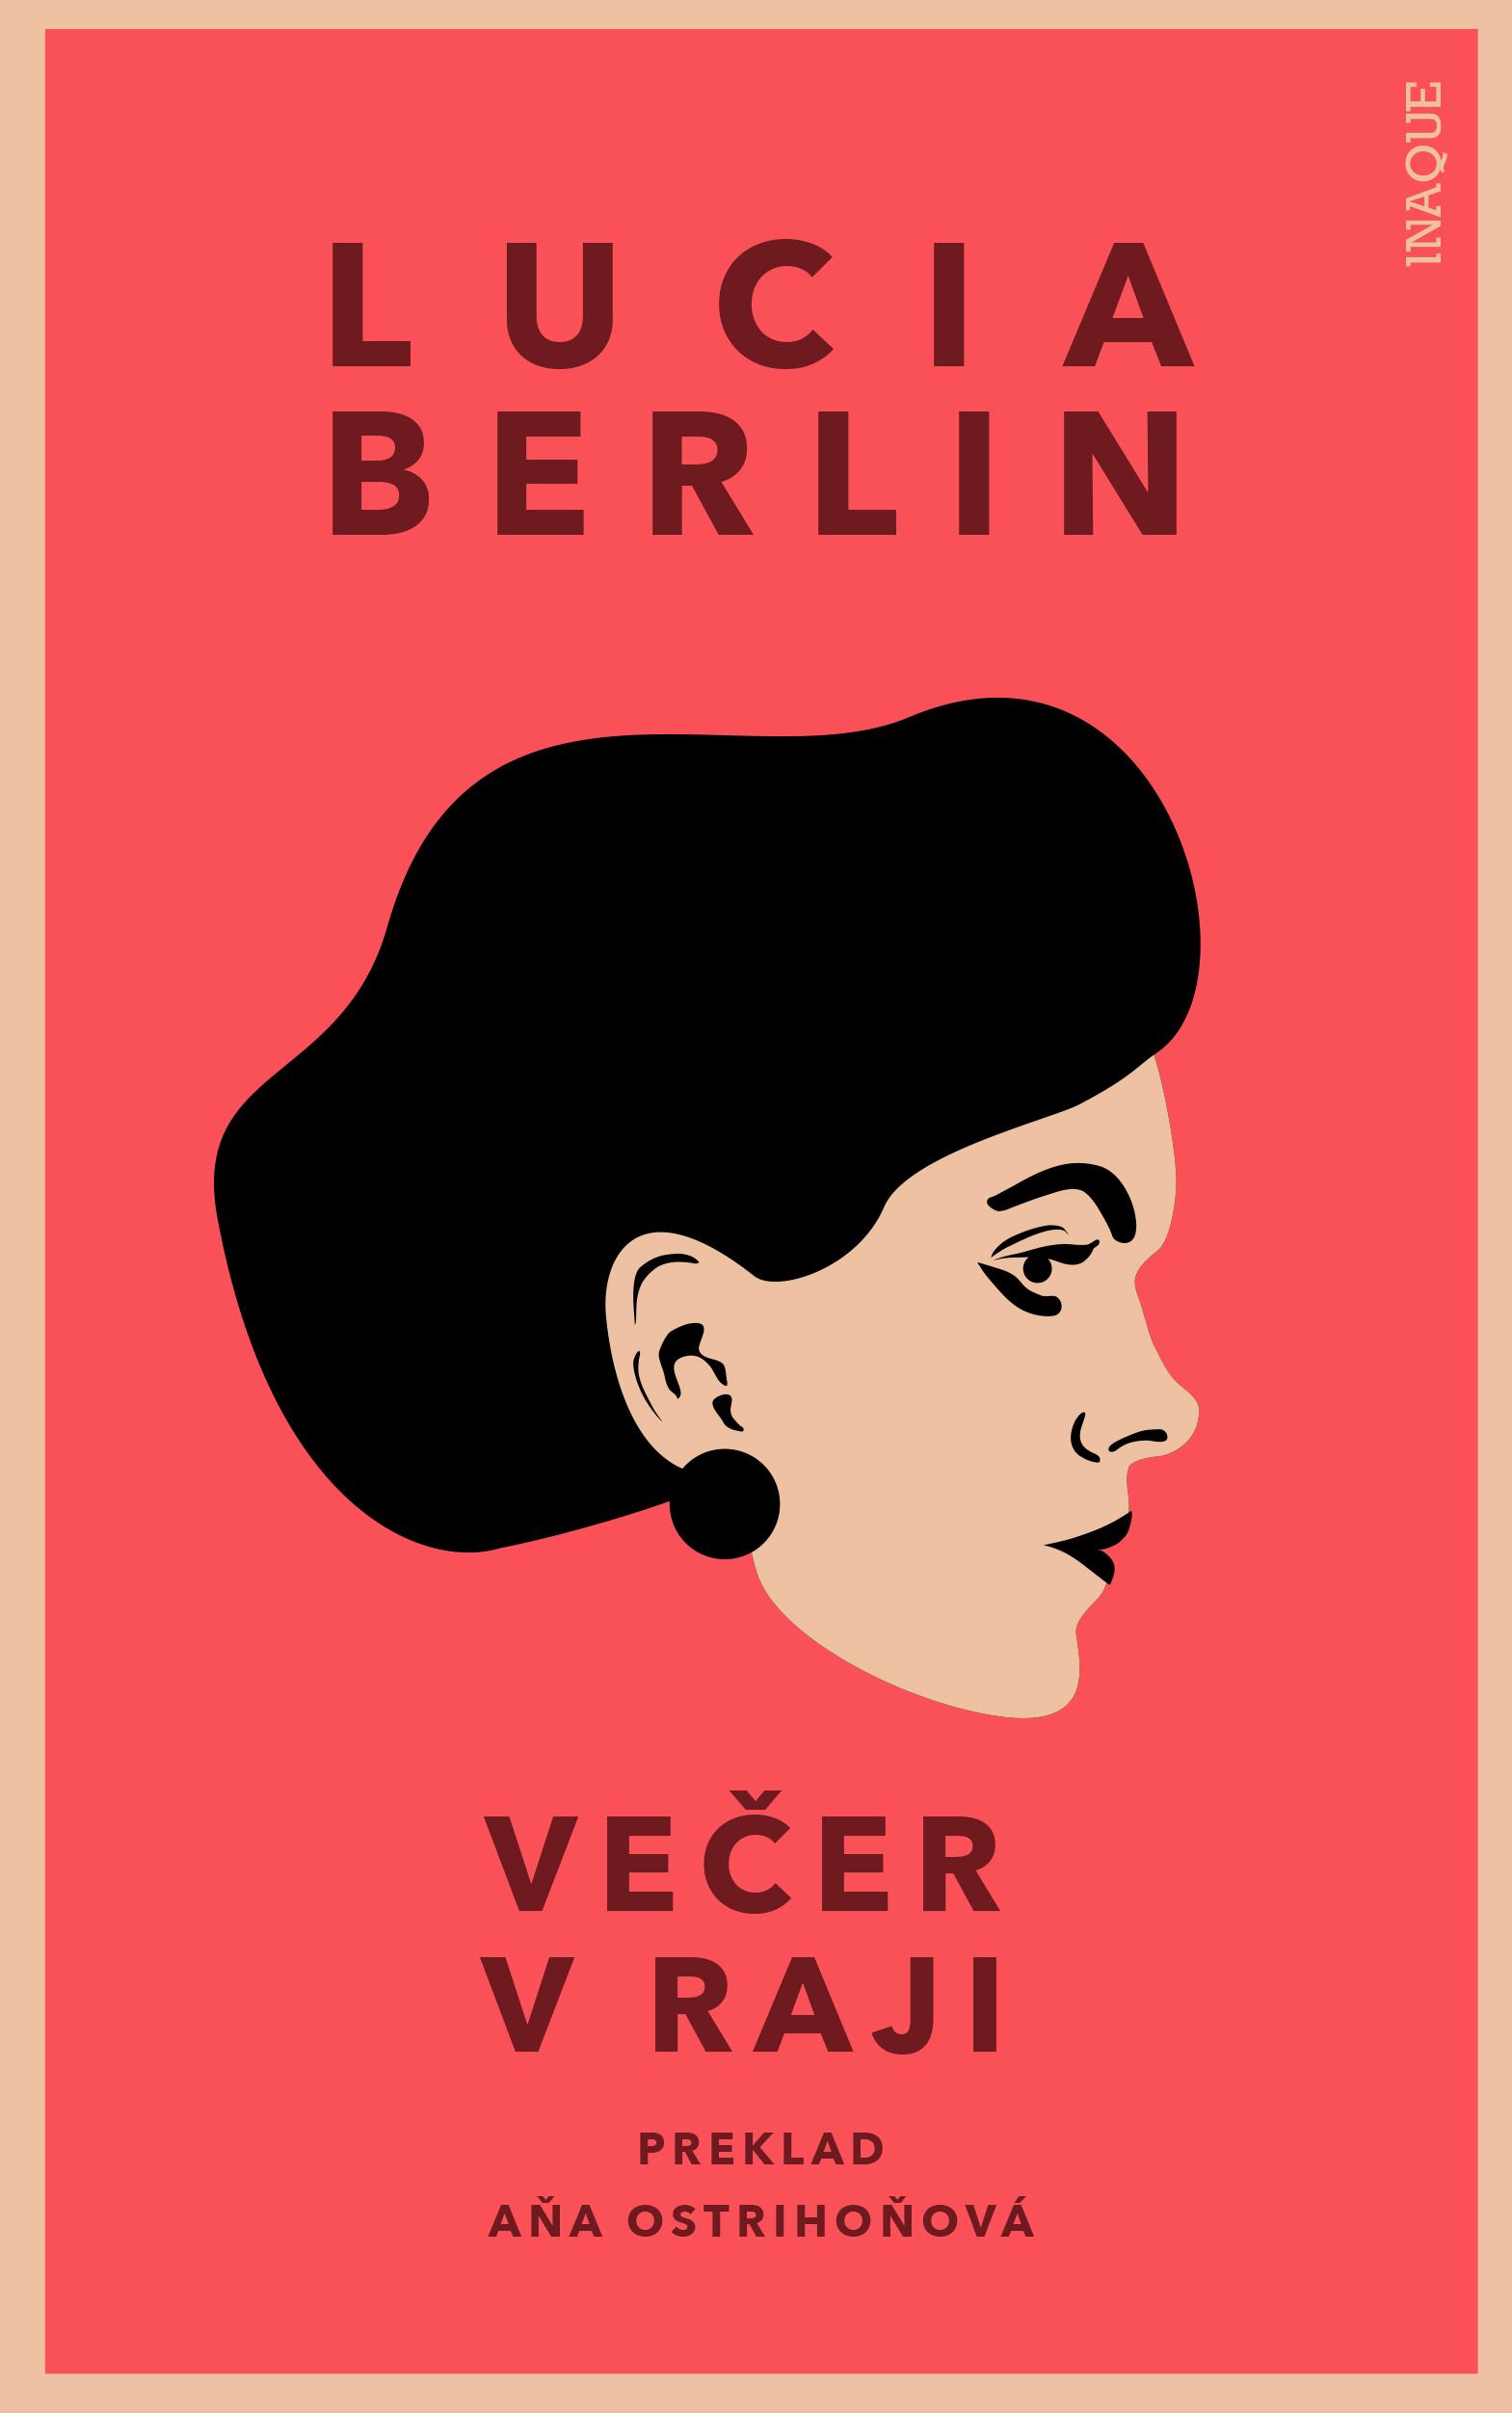 128_Lucia Berlin_Večer v raji